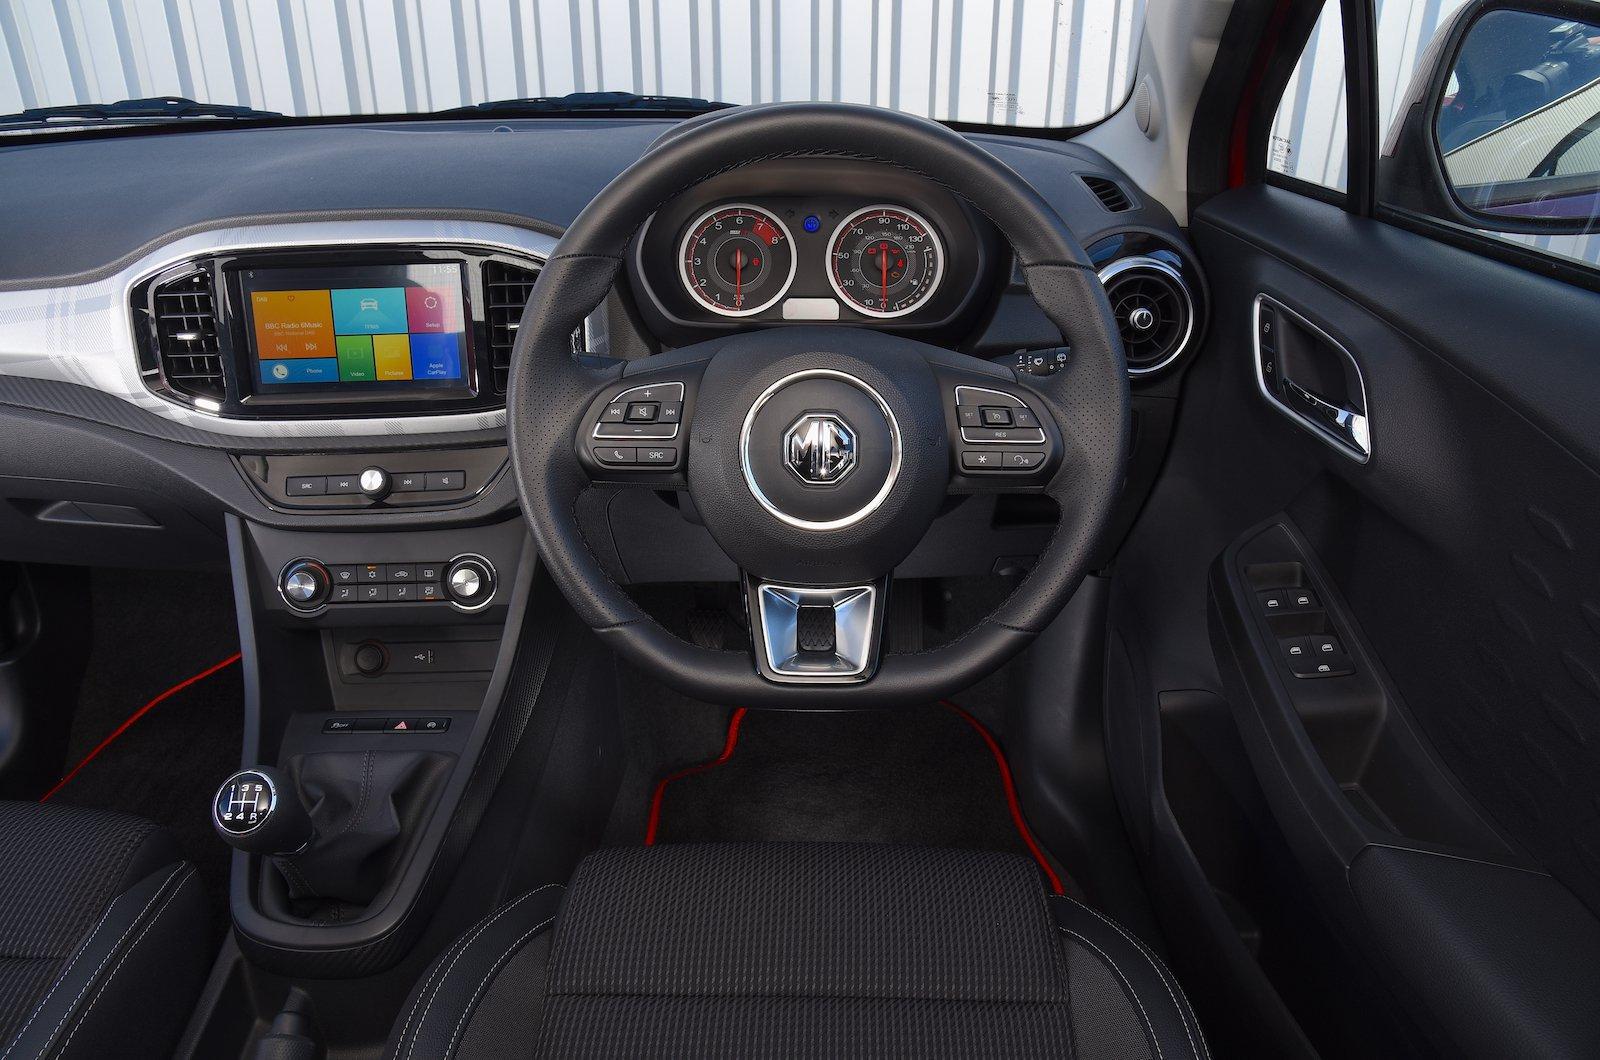 MG3 1.5 Vi-Tech Excite - interior